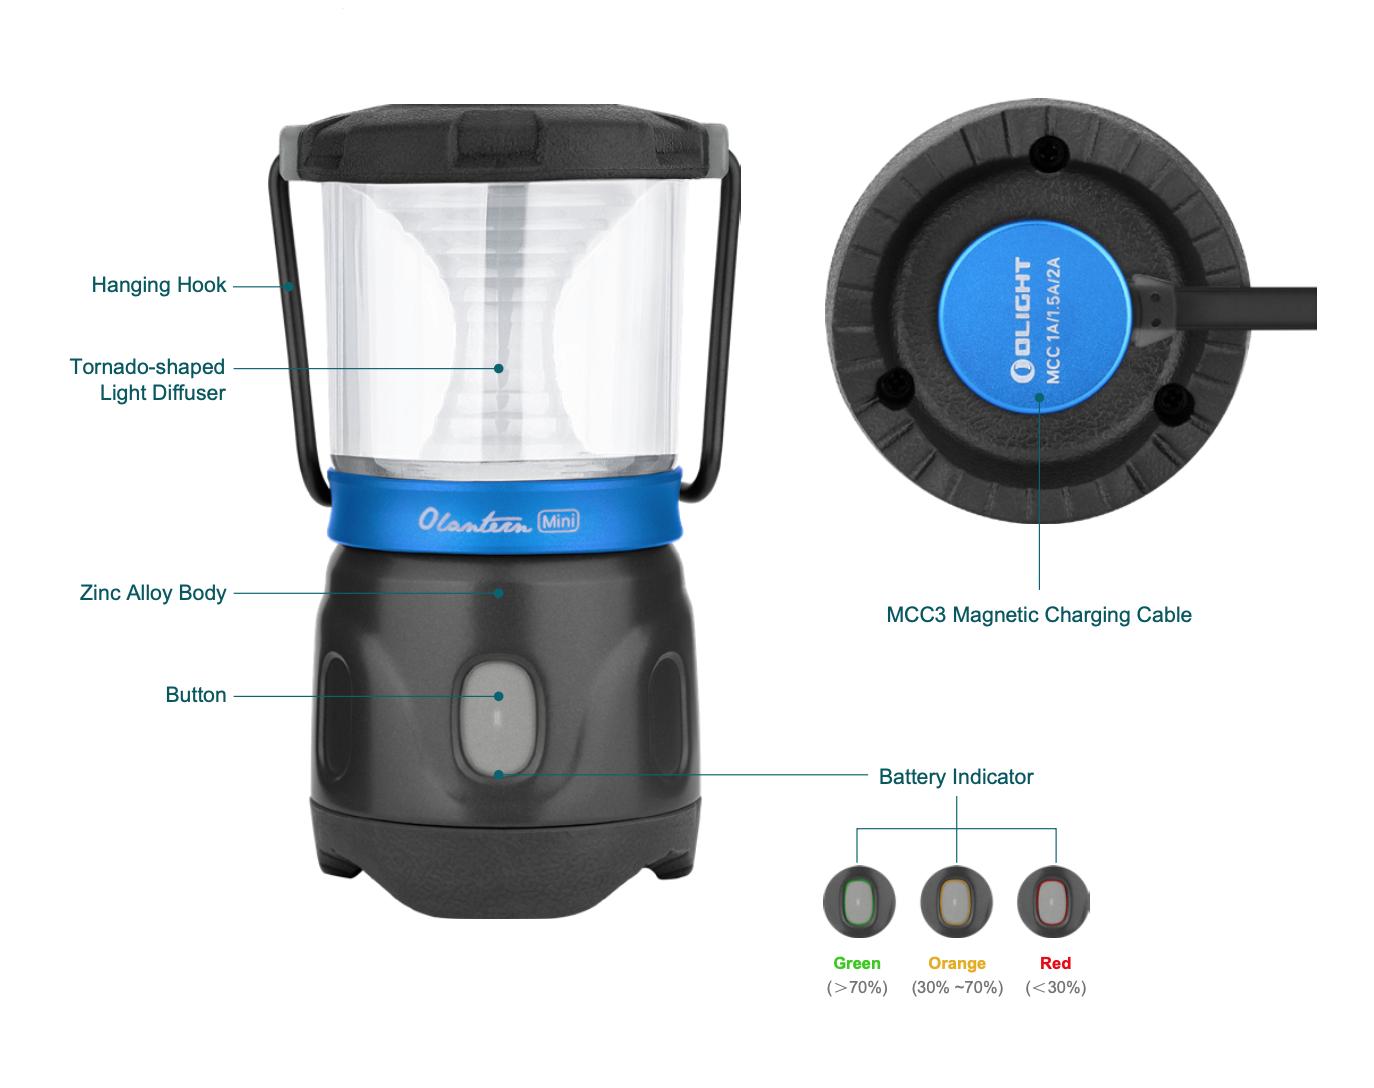 Olight Lantern Olantern Mini - key features